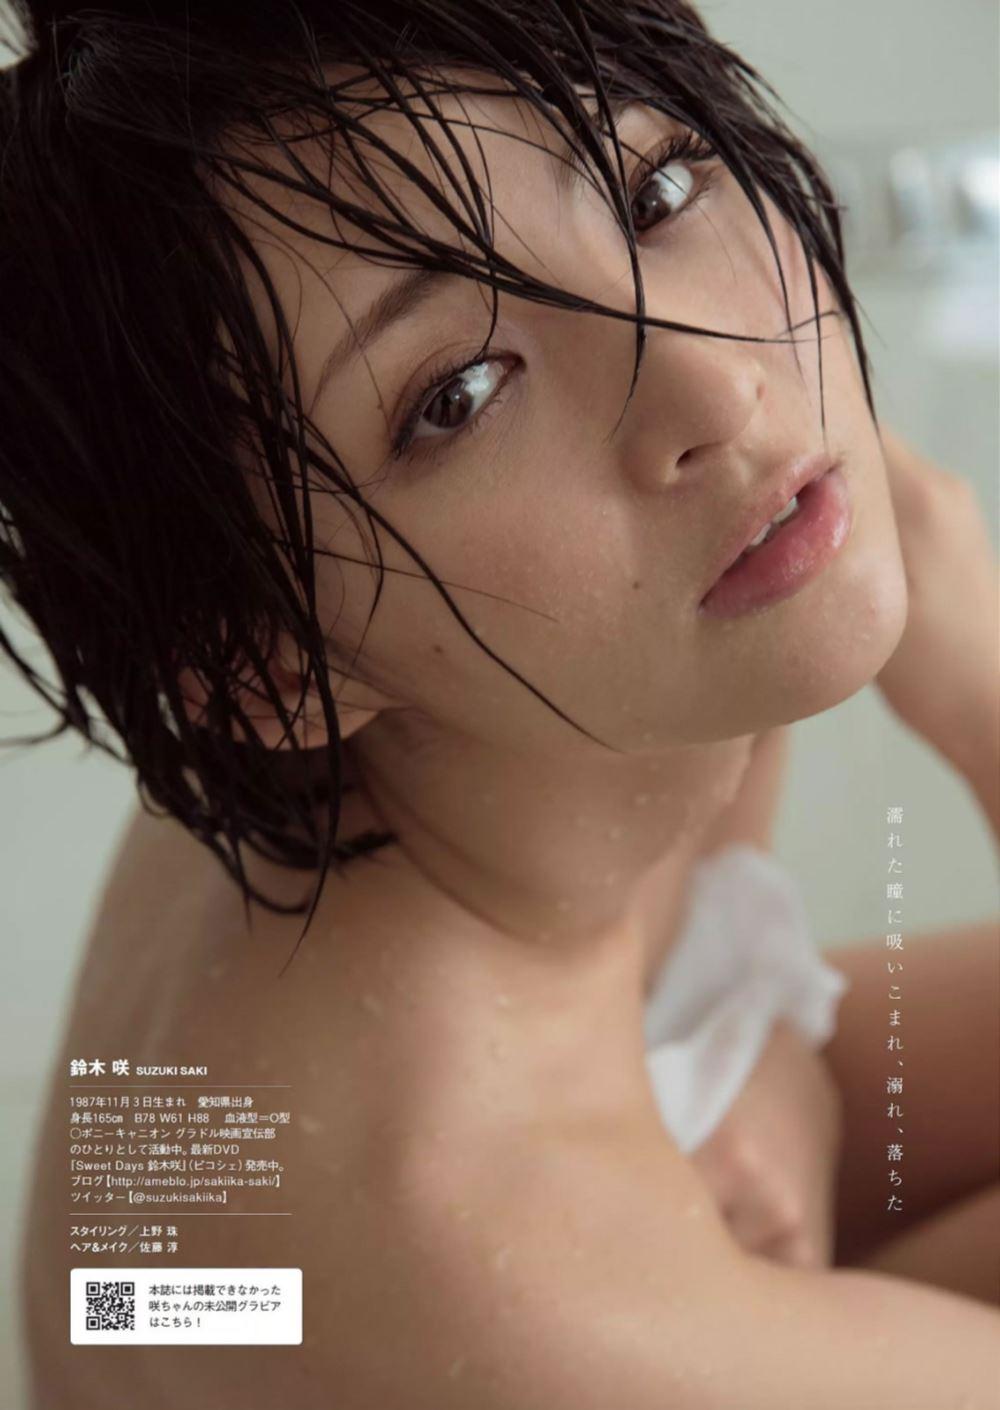 競泳水着 ビキニ姿 かわいい 鈴木咲 エロ画像 80